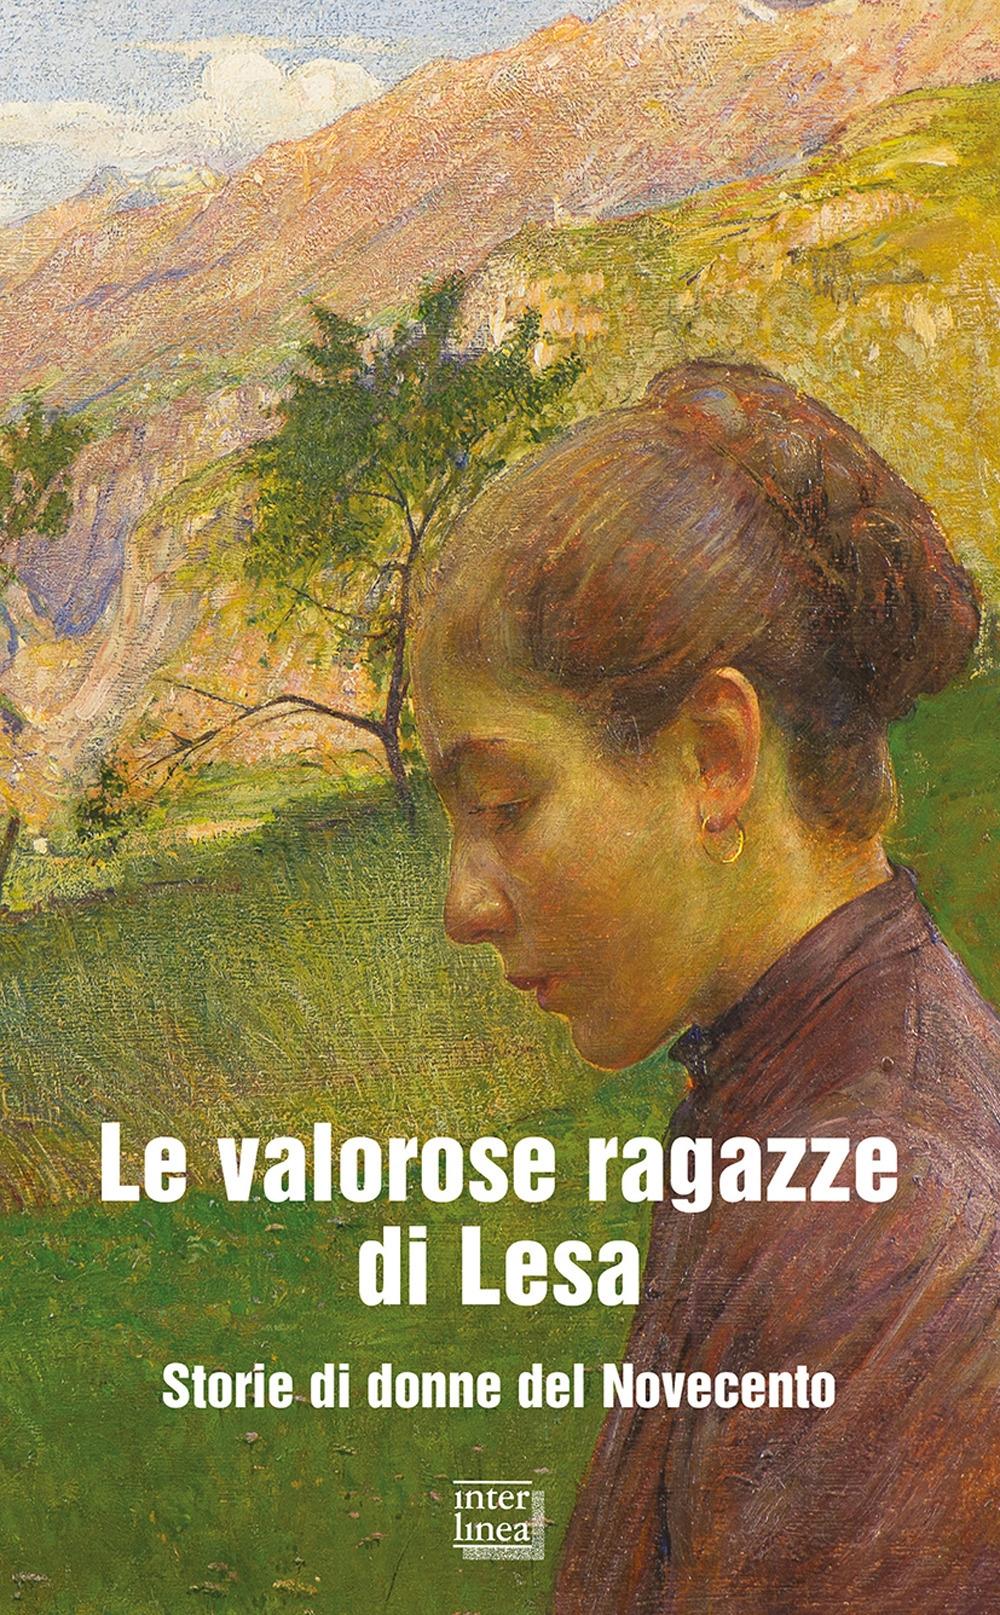 Le valorose ragazze di Lesa. Storie di donne del Novecento